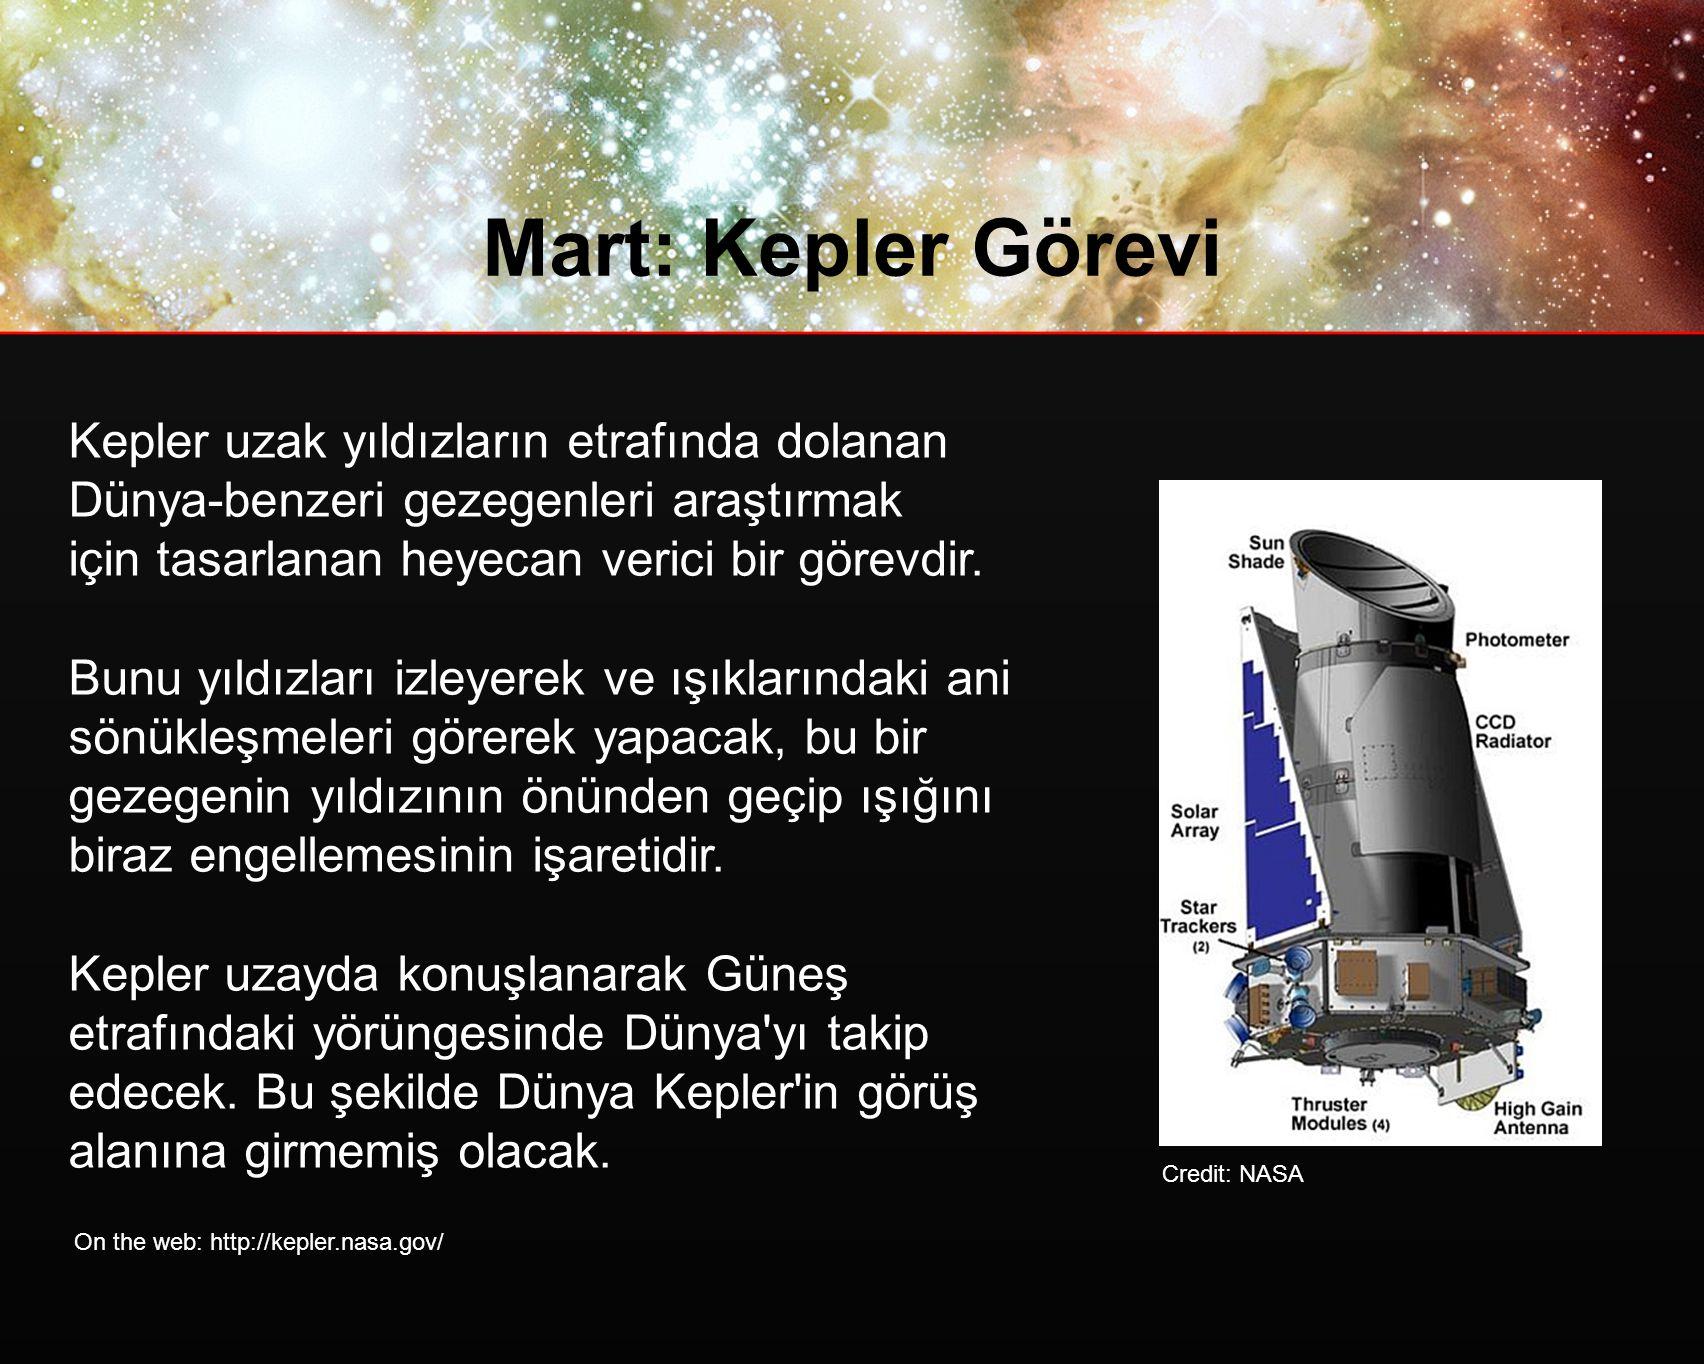 Mart: Kepler Görevi Kepler uzak yıldızların etrafında dolanan Dünya-benzeri gezegenleri araştırmak için tasarlanan heyecan verici bir görevdir.